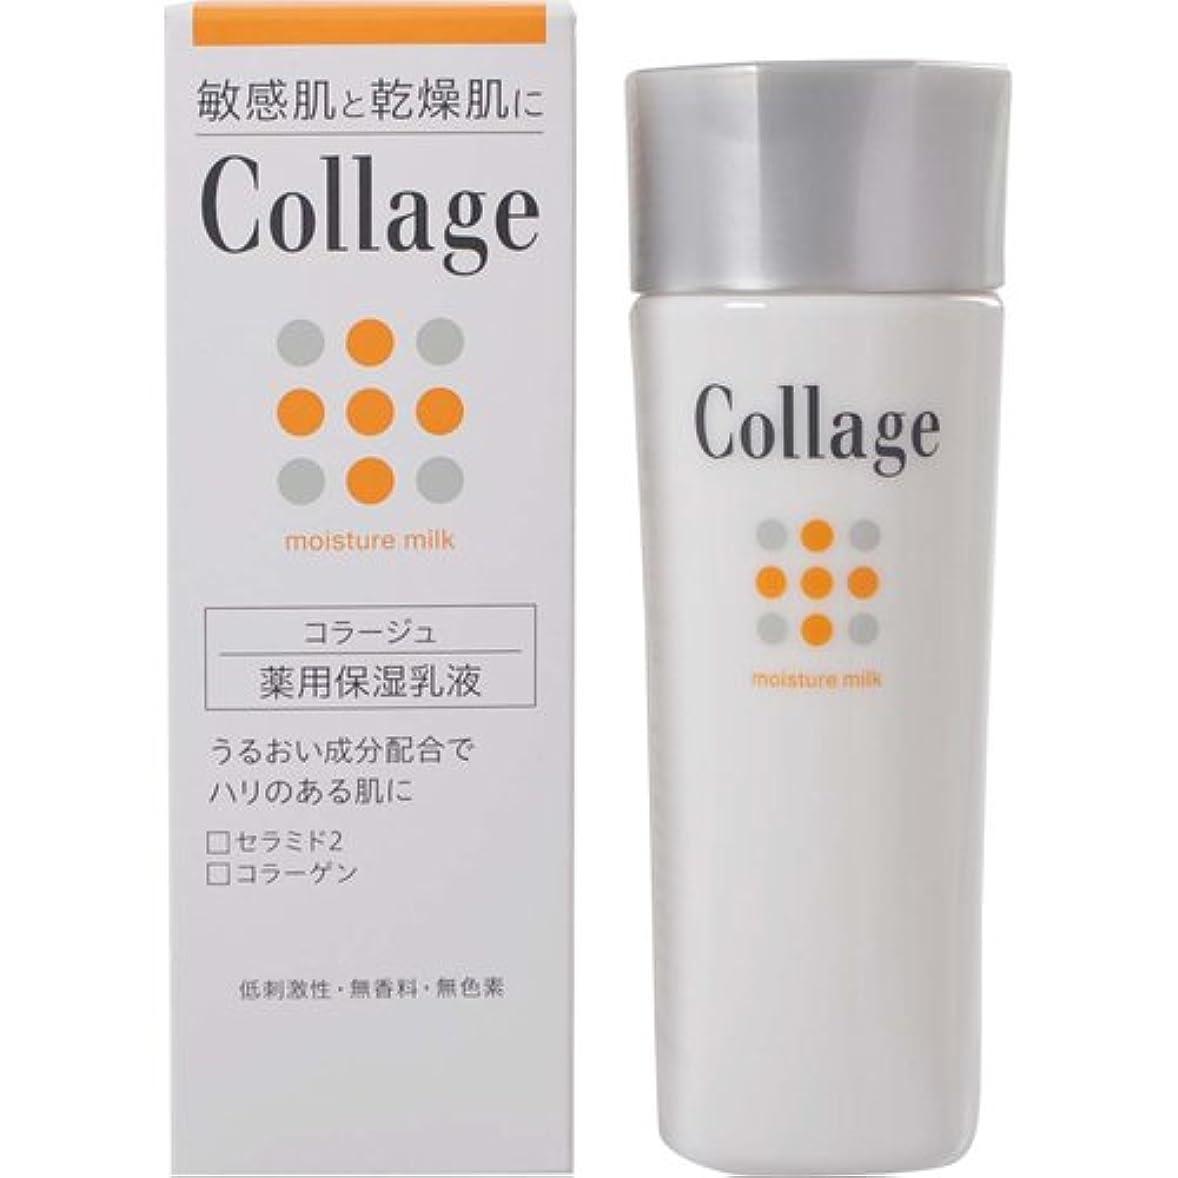 楽観的顔料前売コラージュ 薬用保湿乳液 80mL 【医薬部外品】